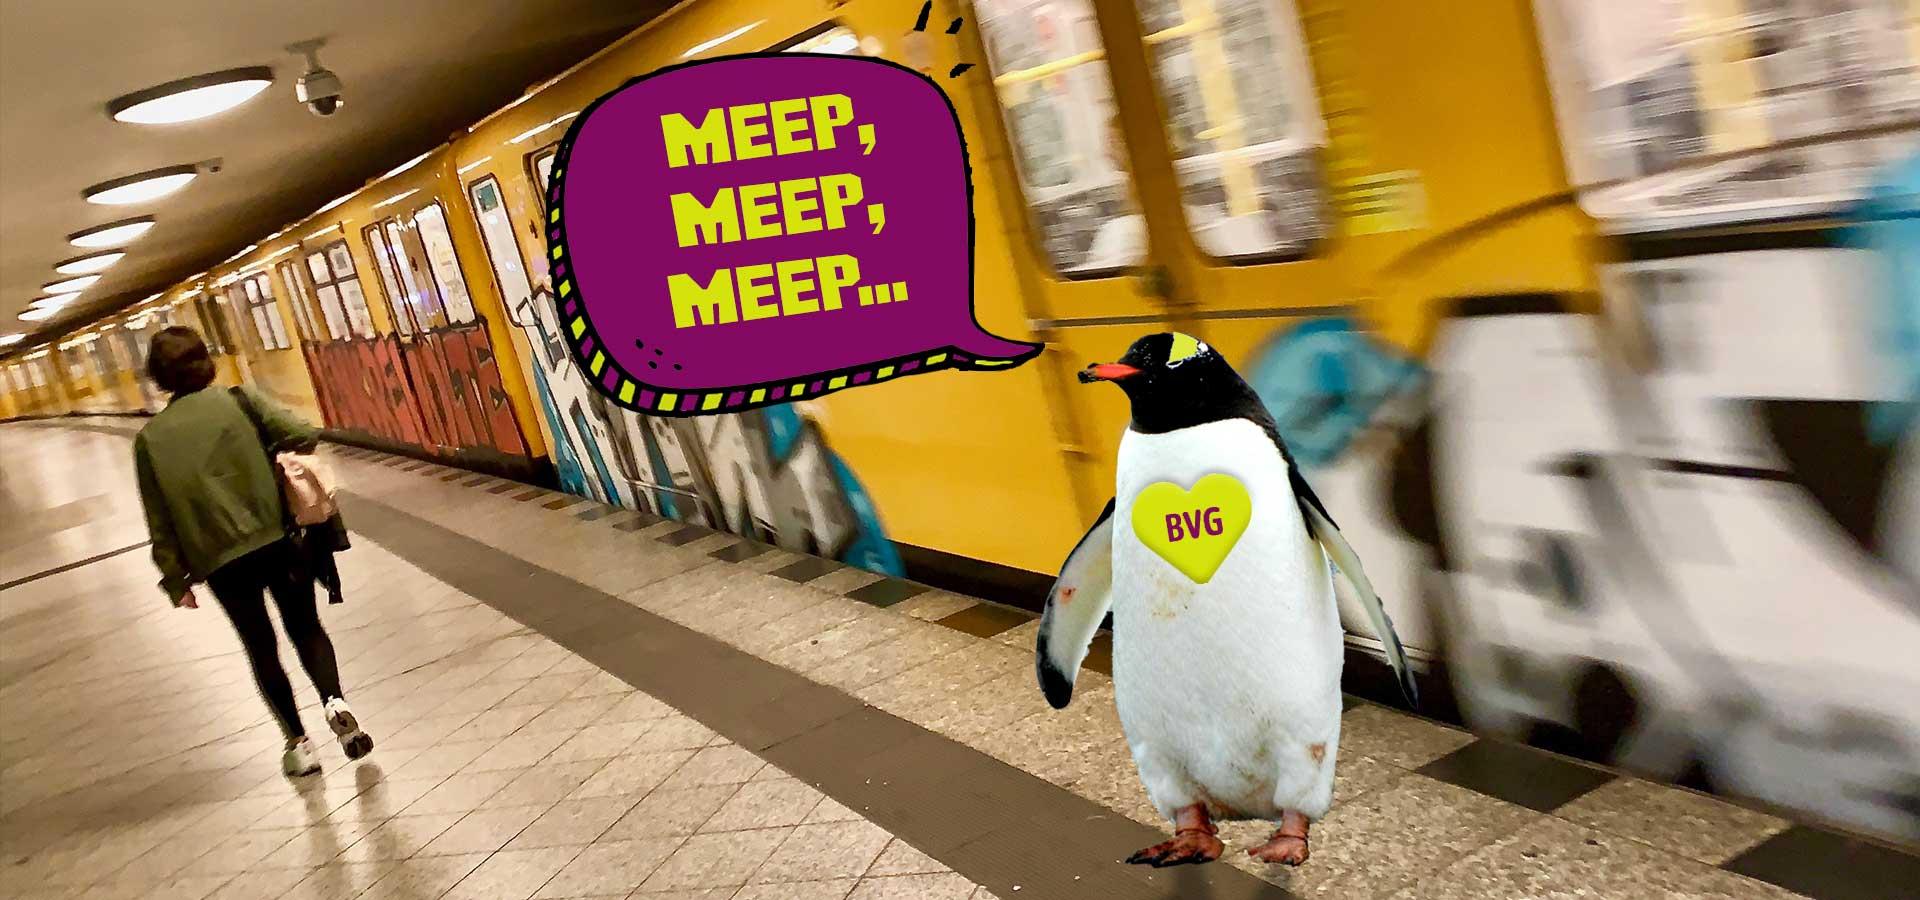 Meep, Meep, Meep,